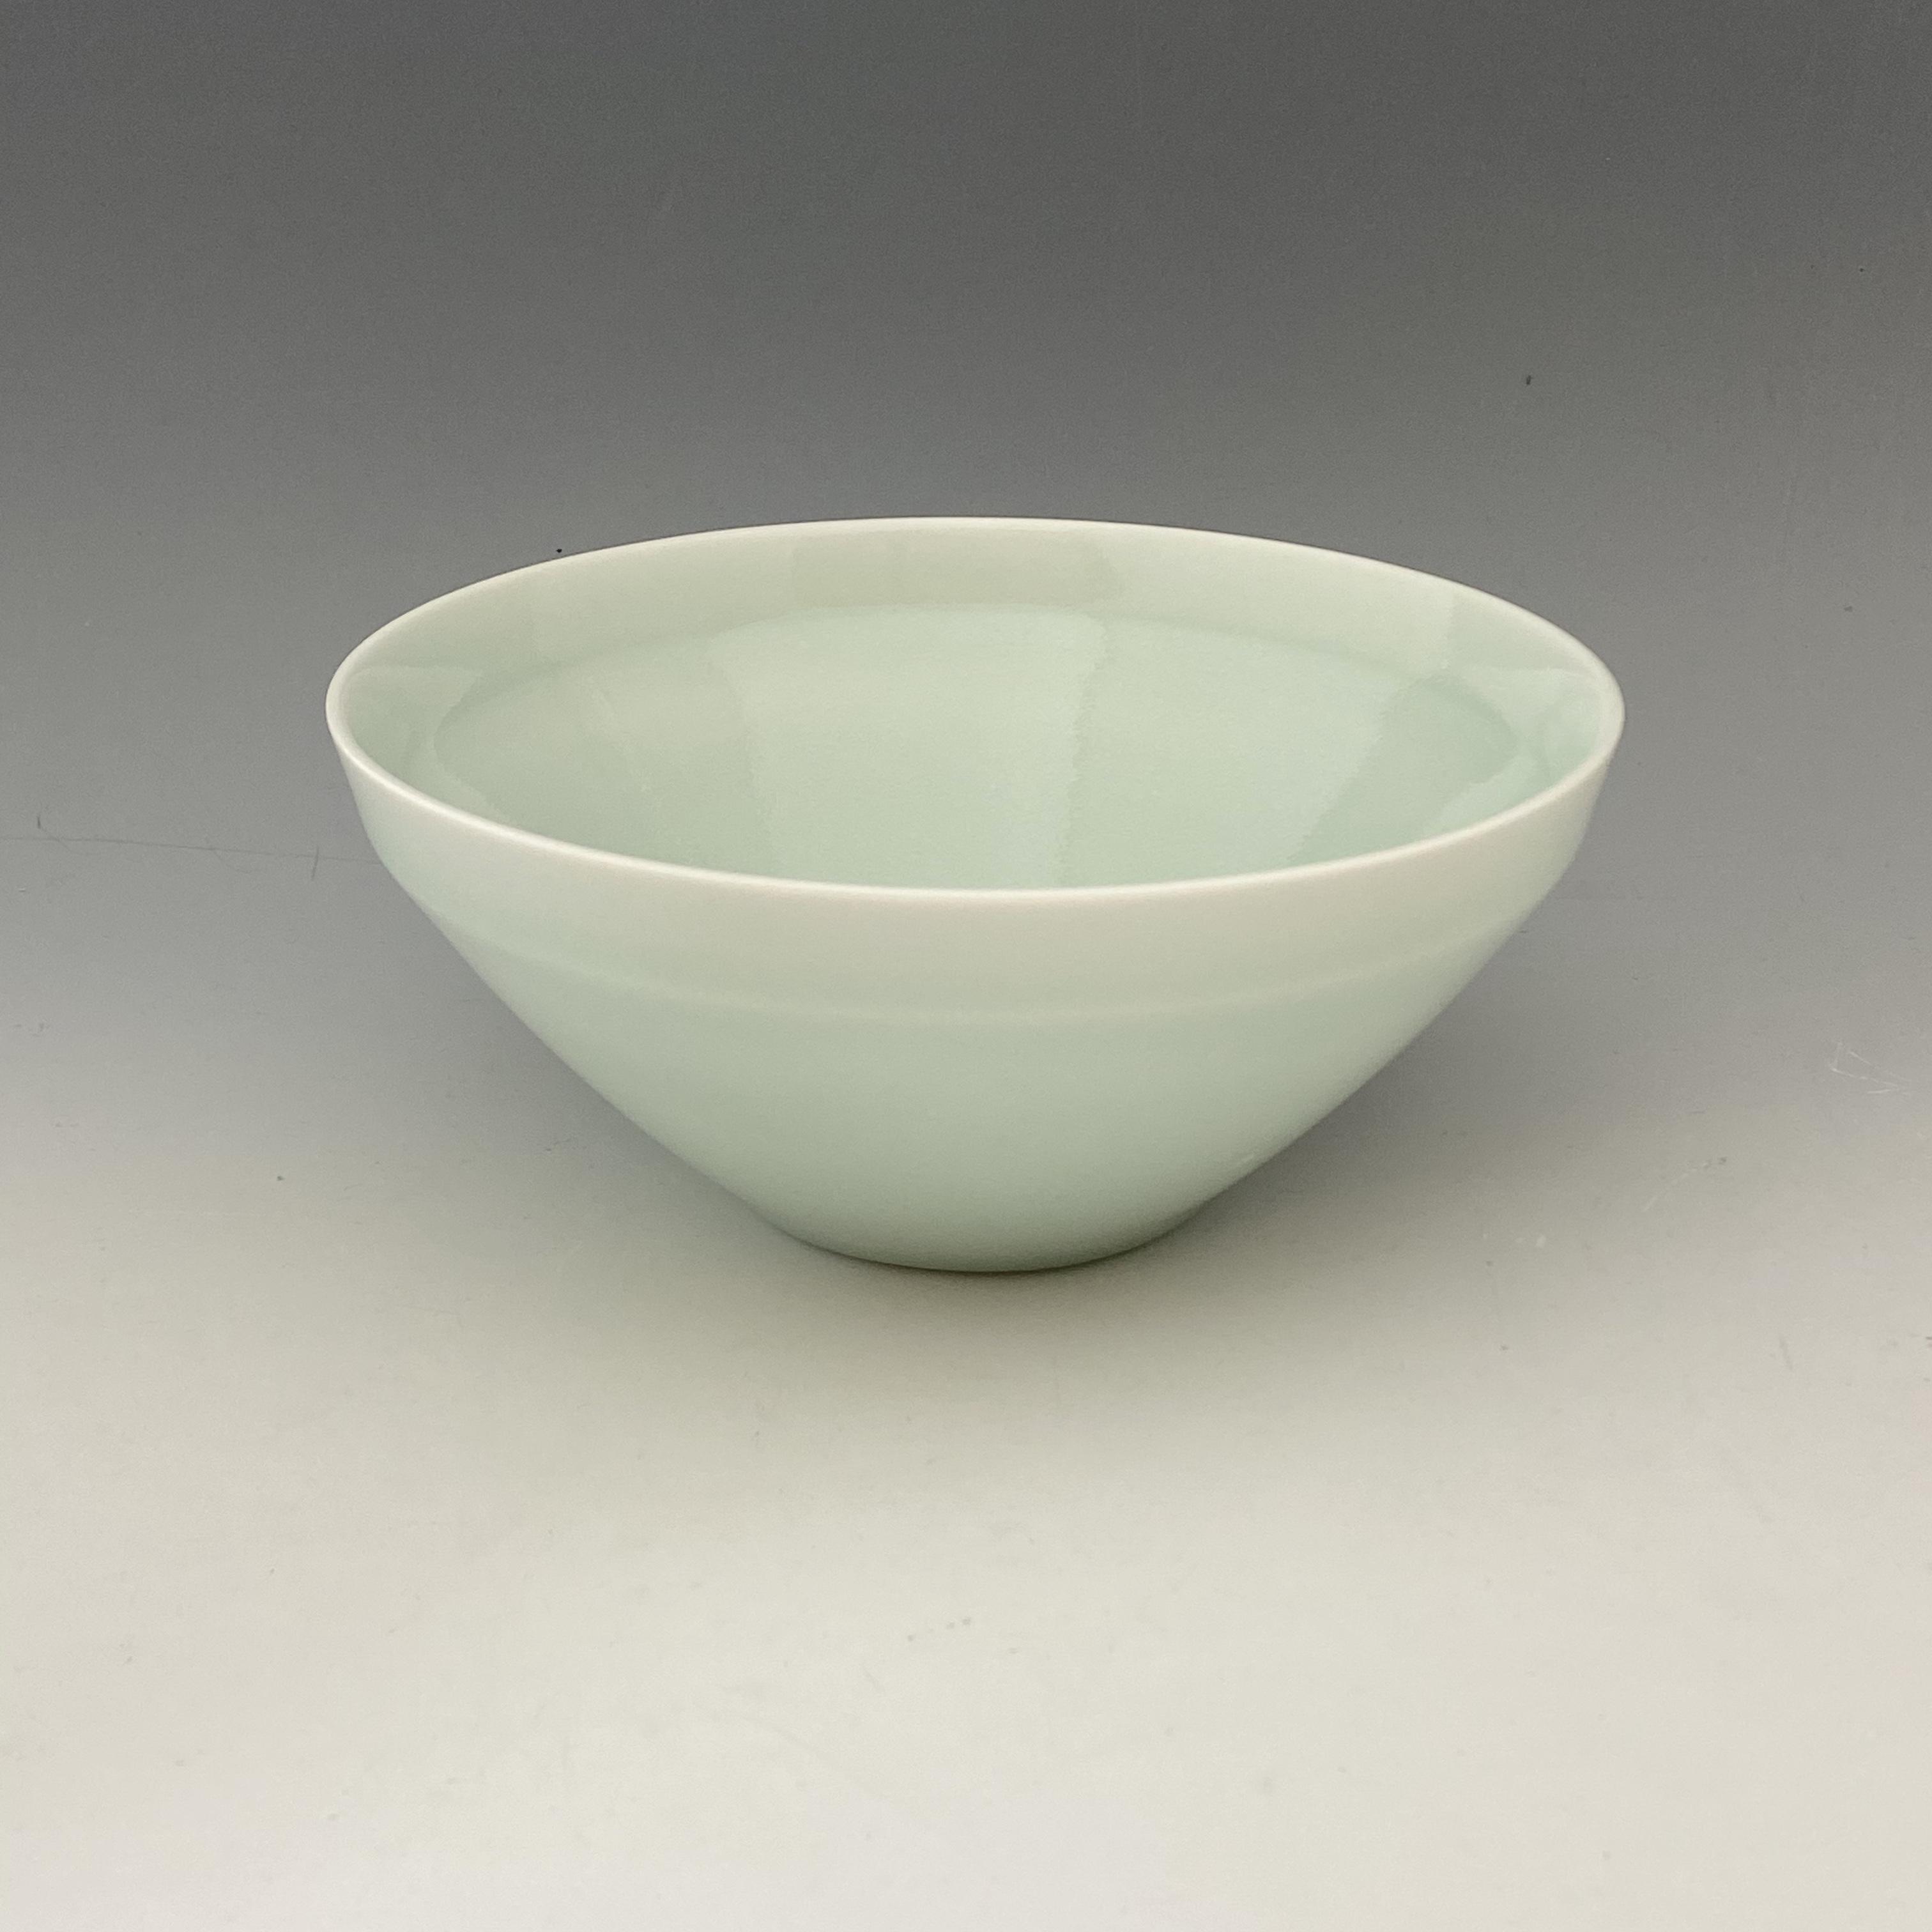 【中尾純】青白磁鉢(深)